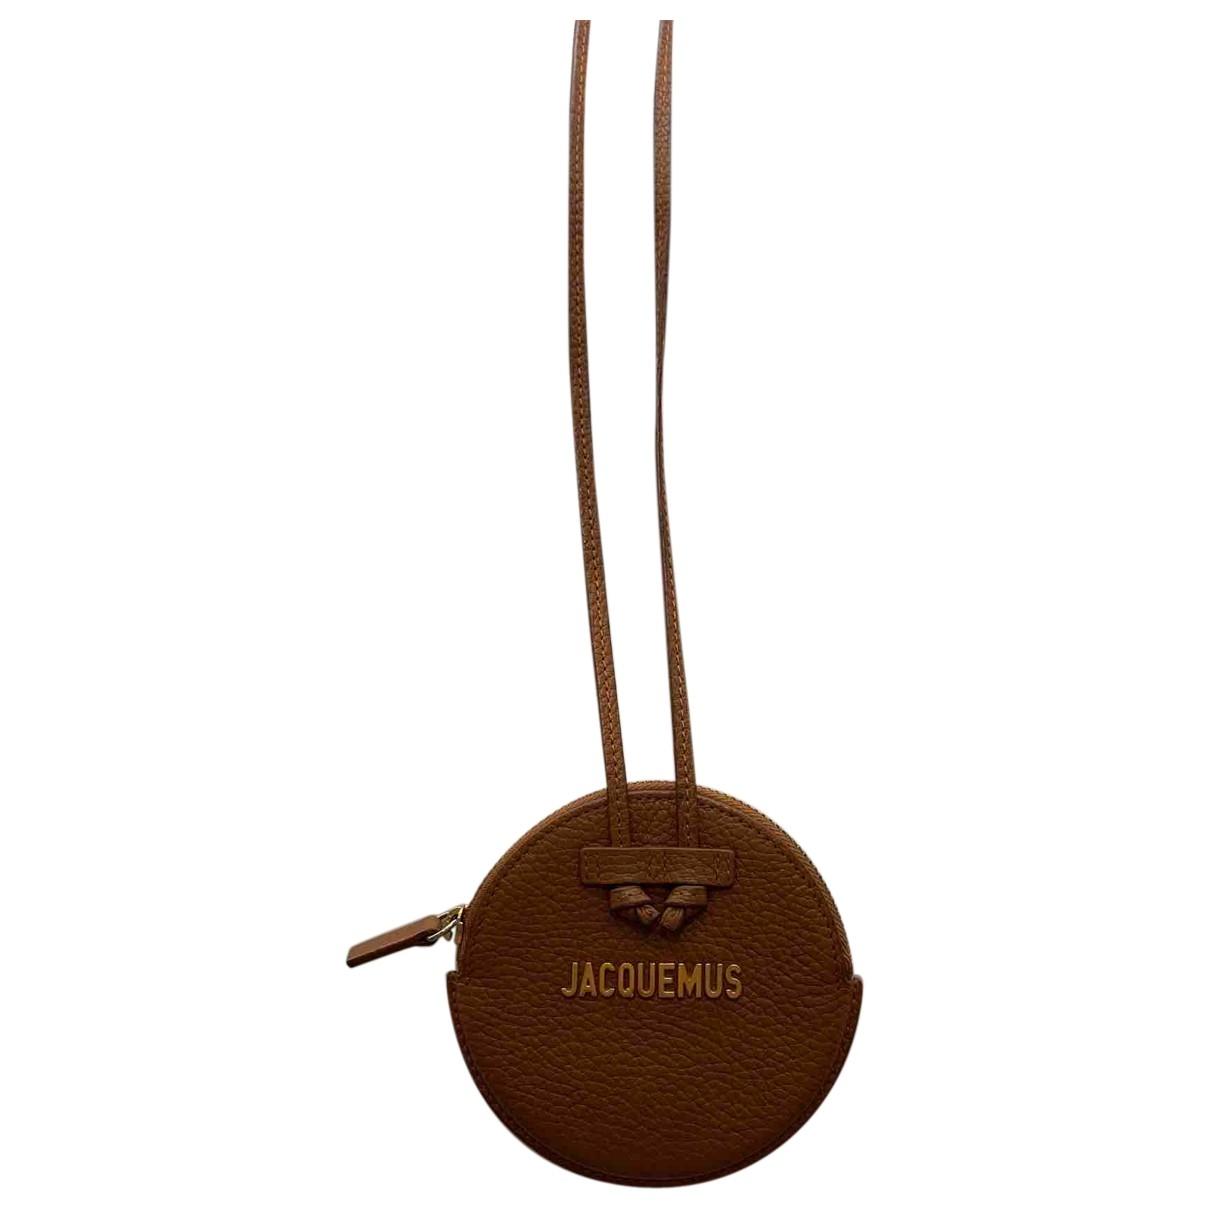 Jacquemus - Petite maroquinerie   pour homme en cuir - marron